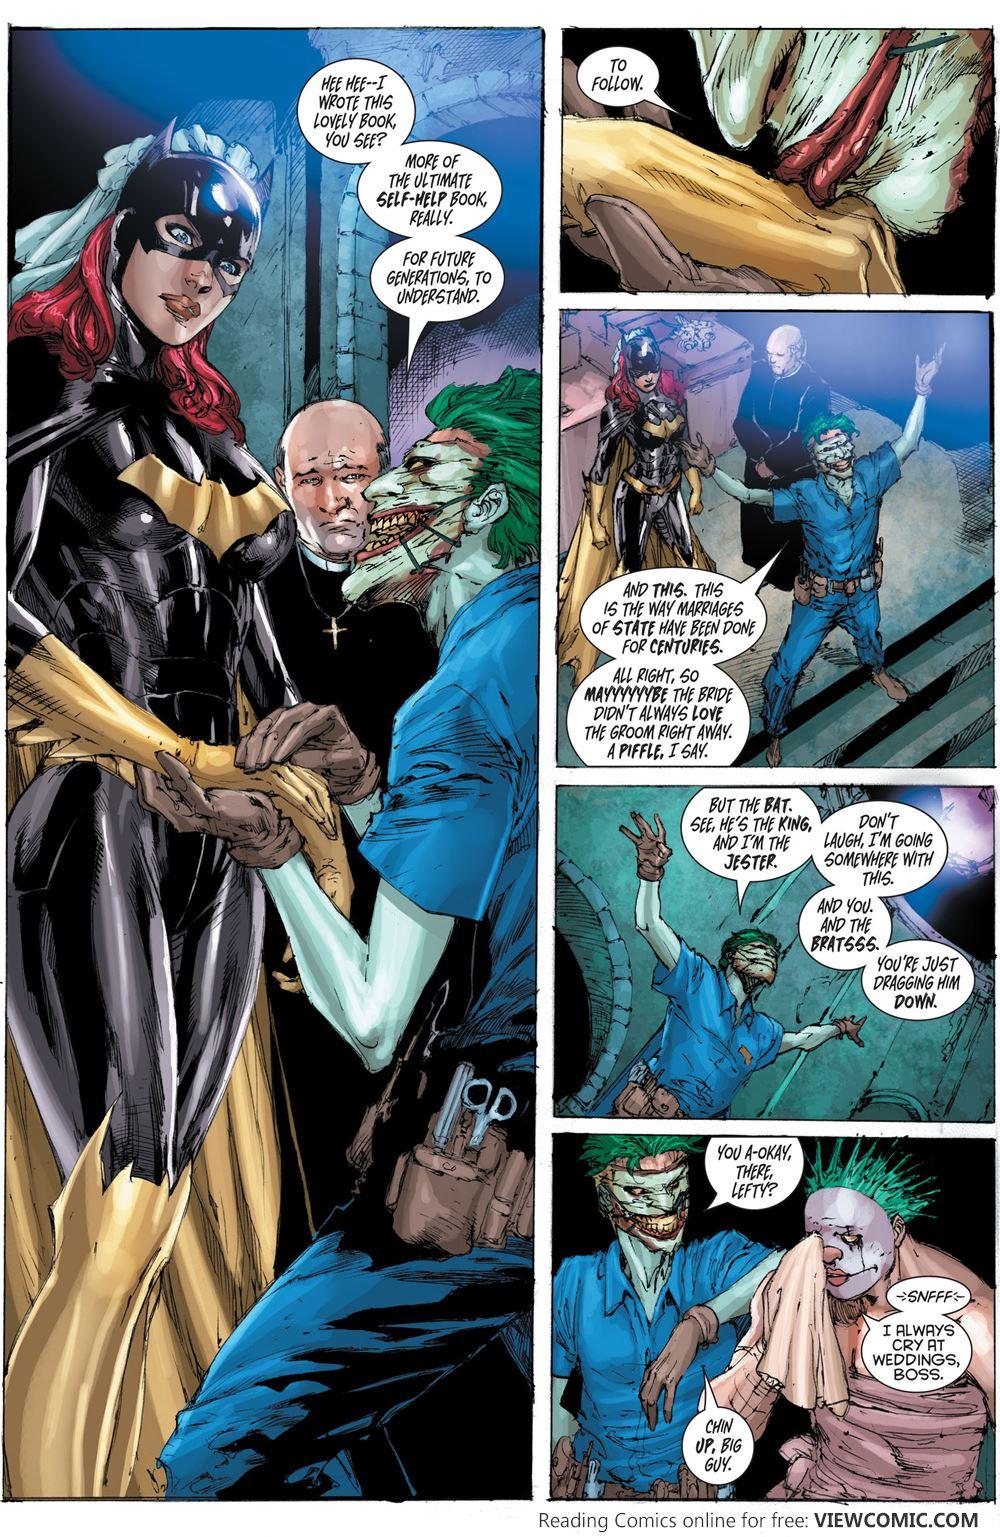 Batgirl Comics Porno Comics death of the family – 19 – batgirl 016 | viewcomic reading